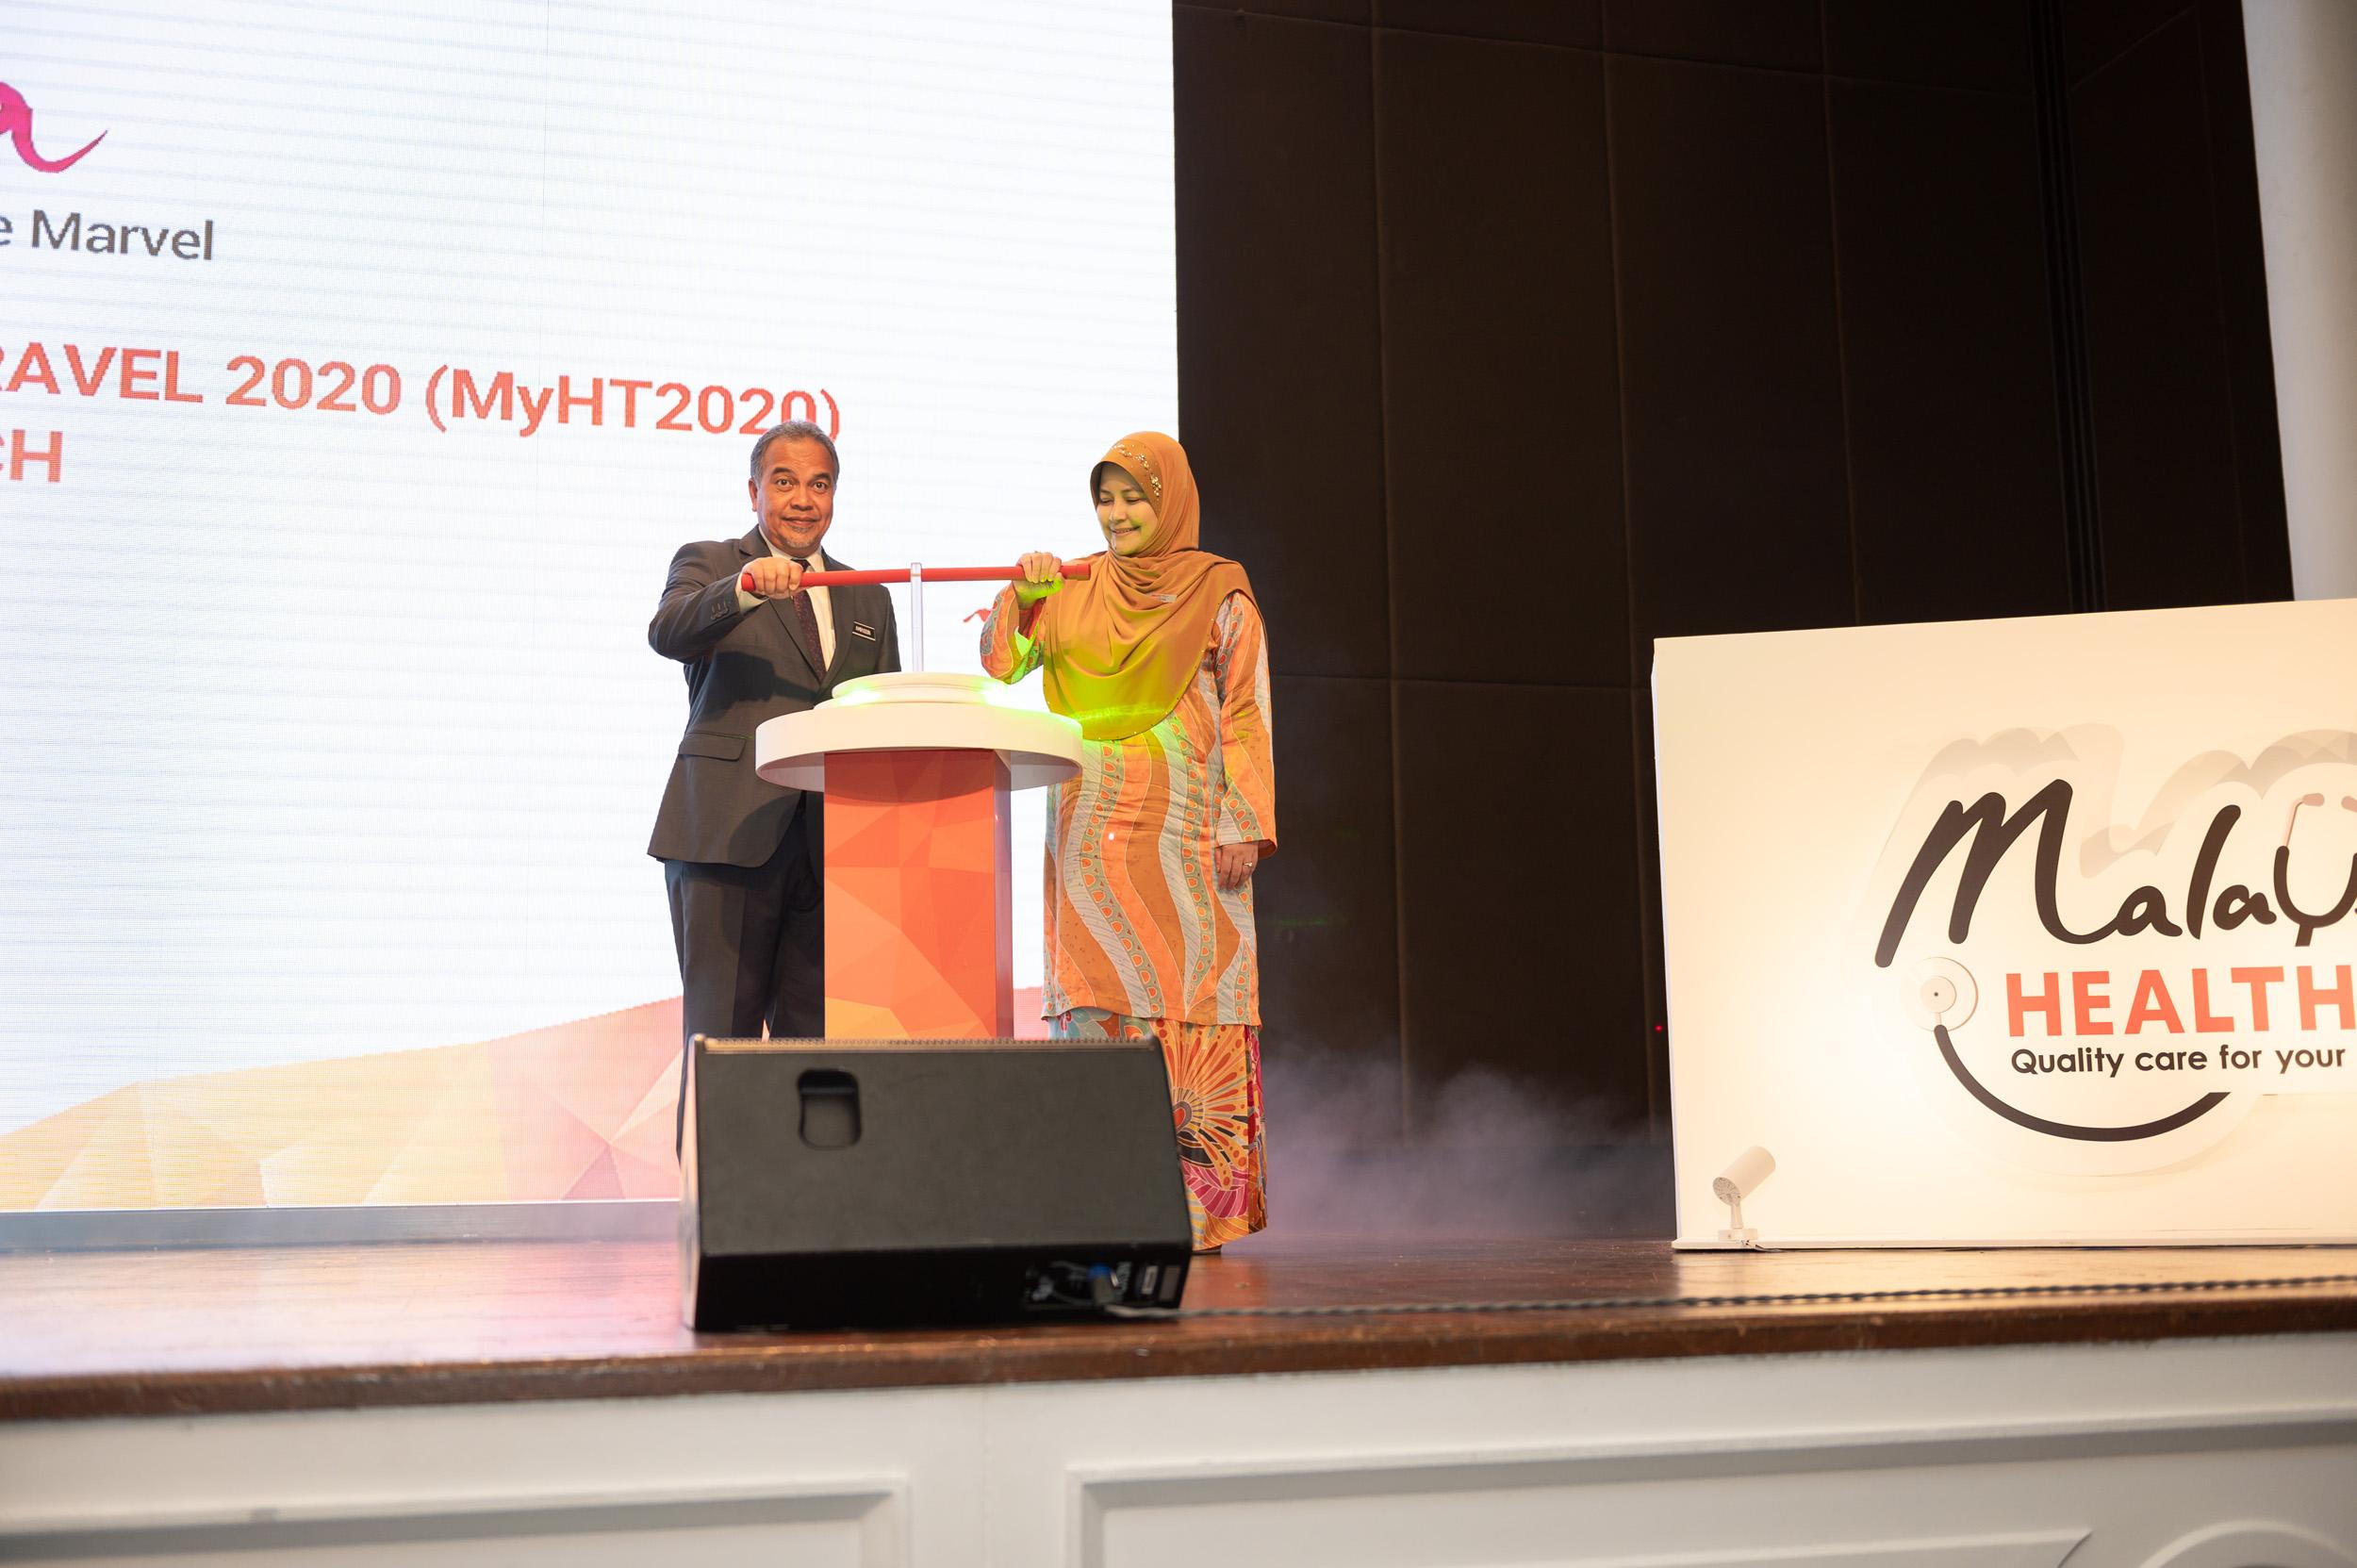 2020年马来西亚医疗保健旅游年于吉隆坡正式启动